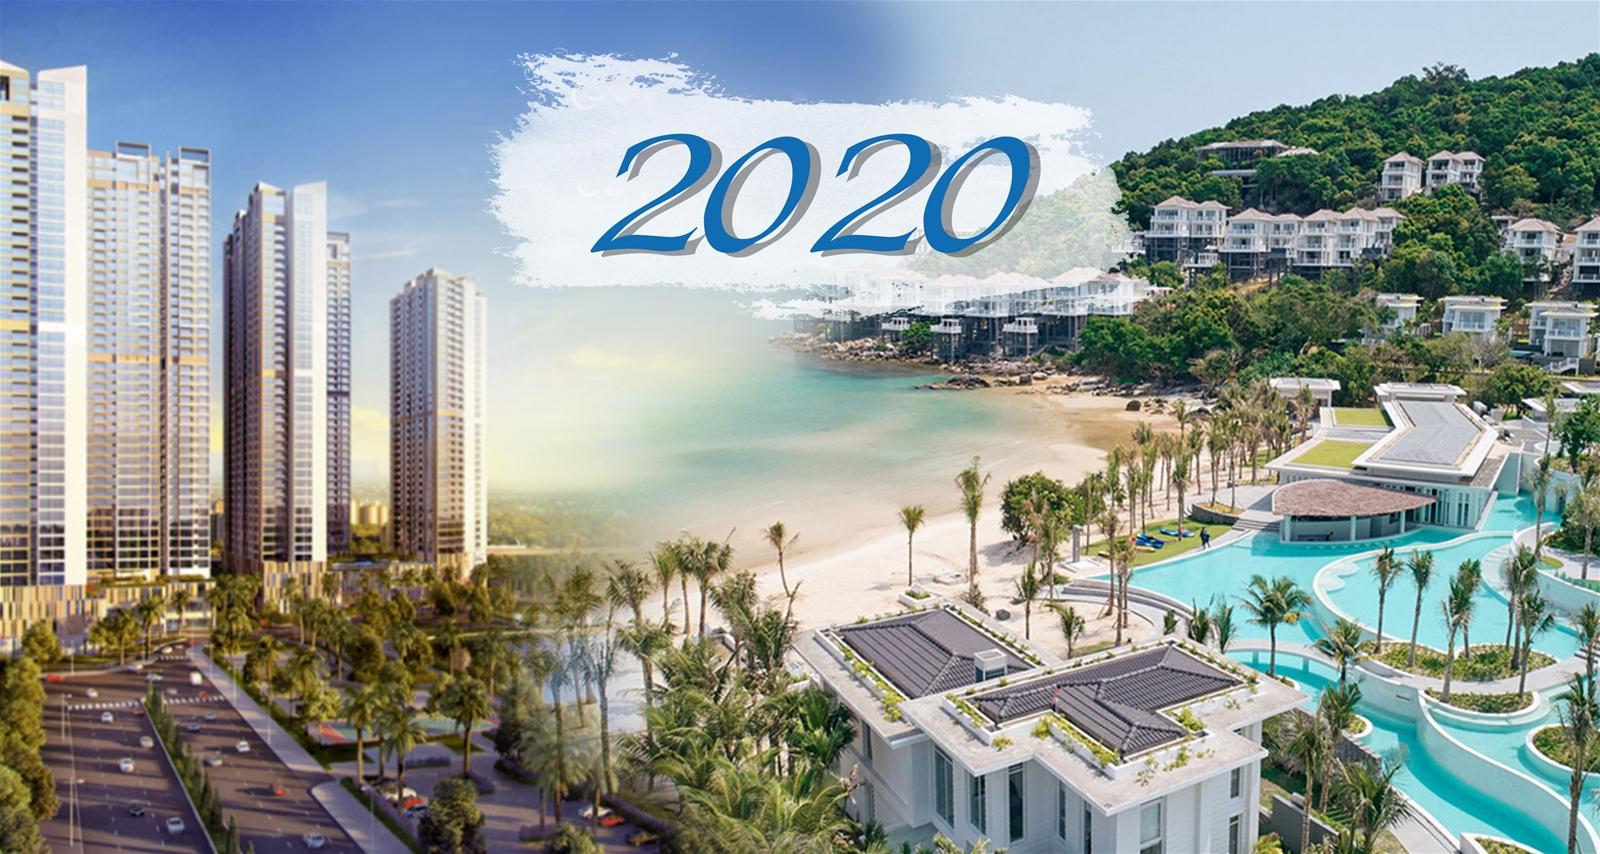 thị trường bất động sản 2020